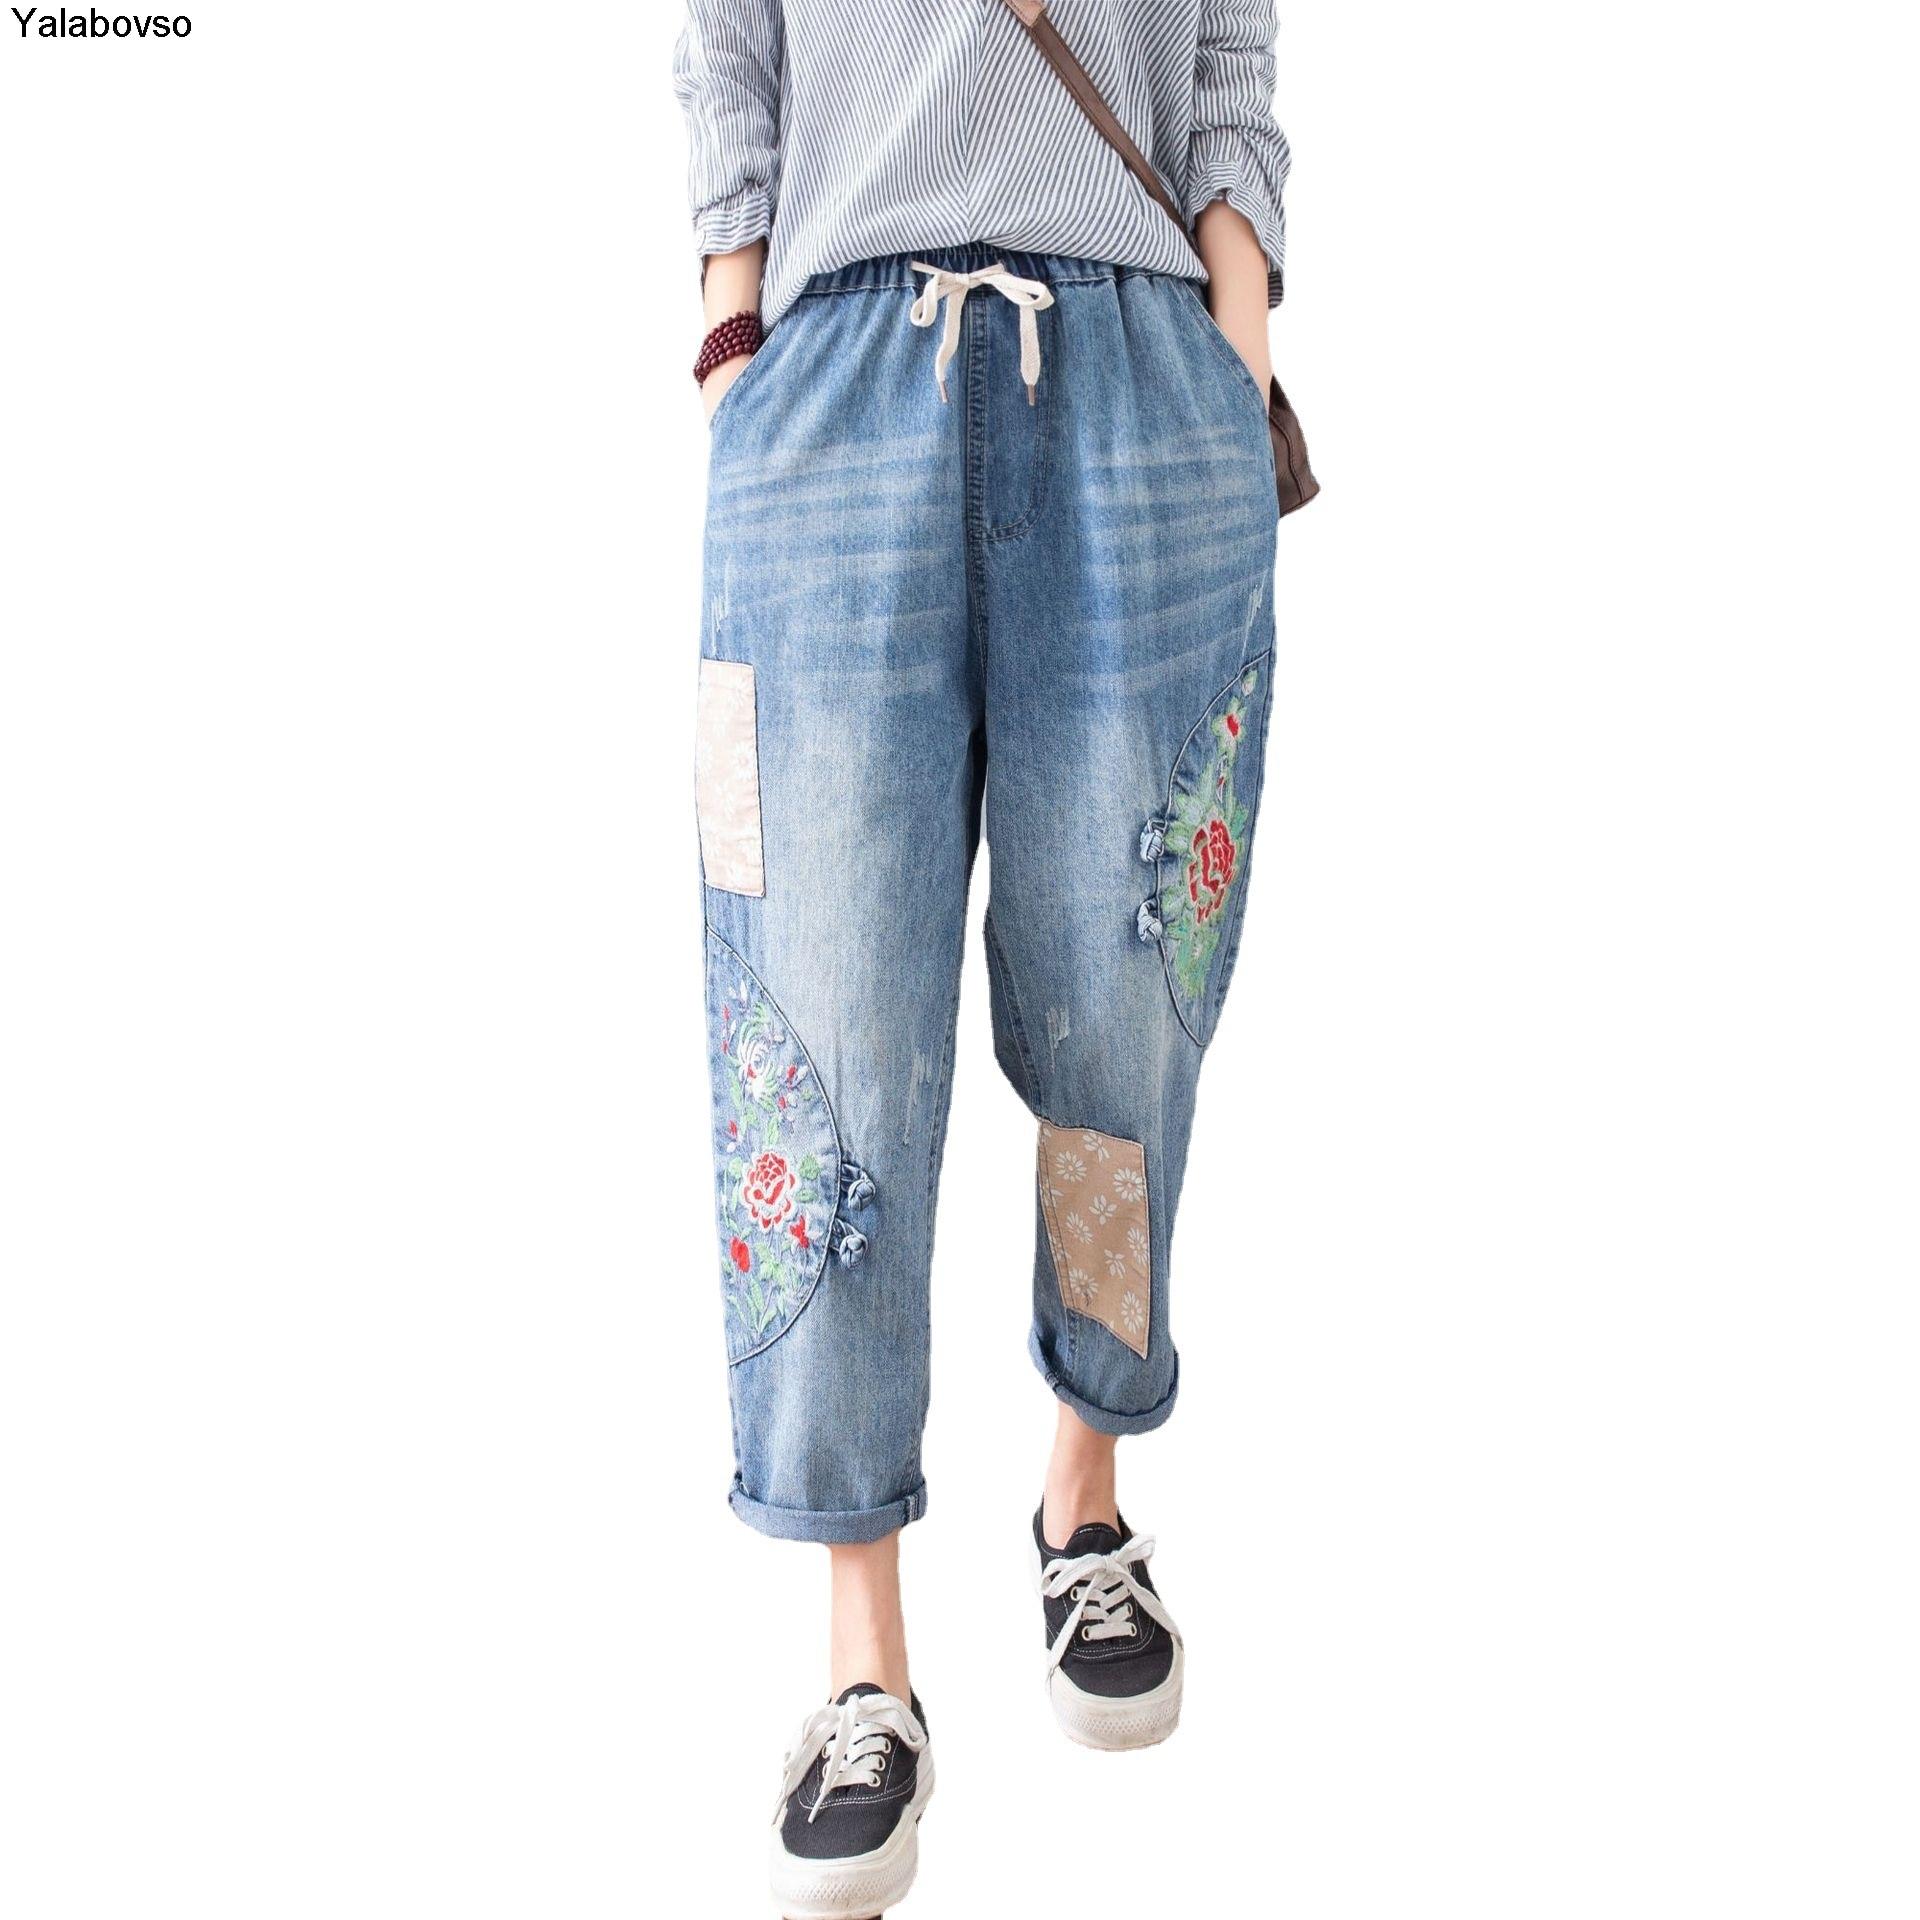 Джинсы SLoose женские с резинкой на талии, стирка и ткань, с двумя полукруглыми цветочными пуговицами, повседневные, на лето